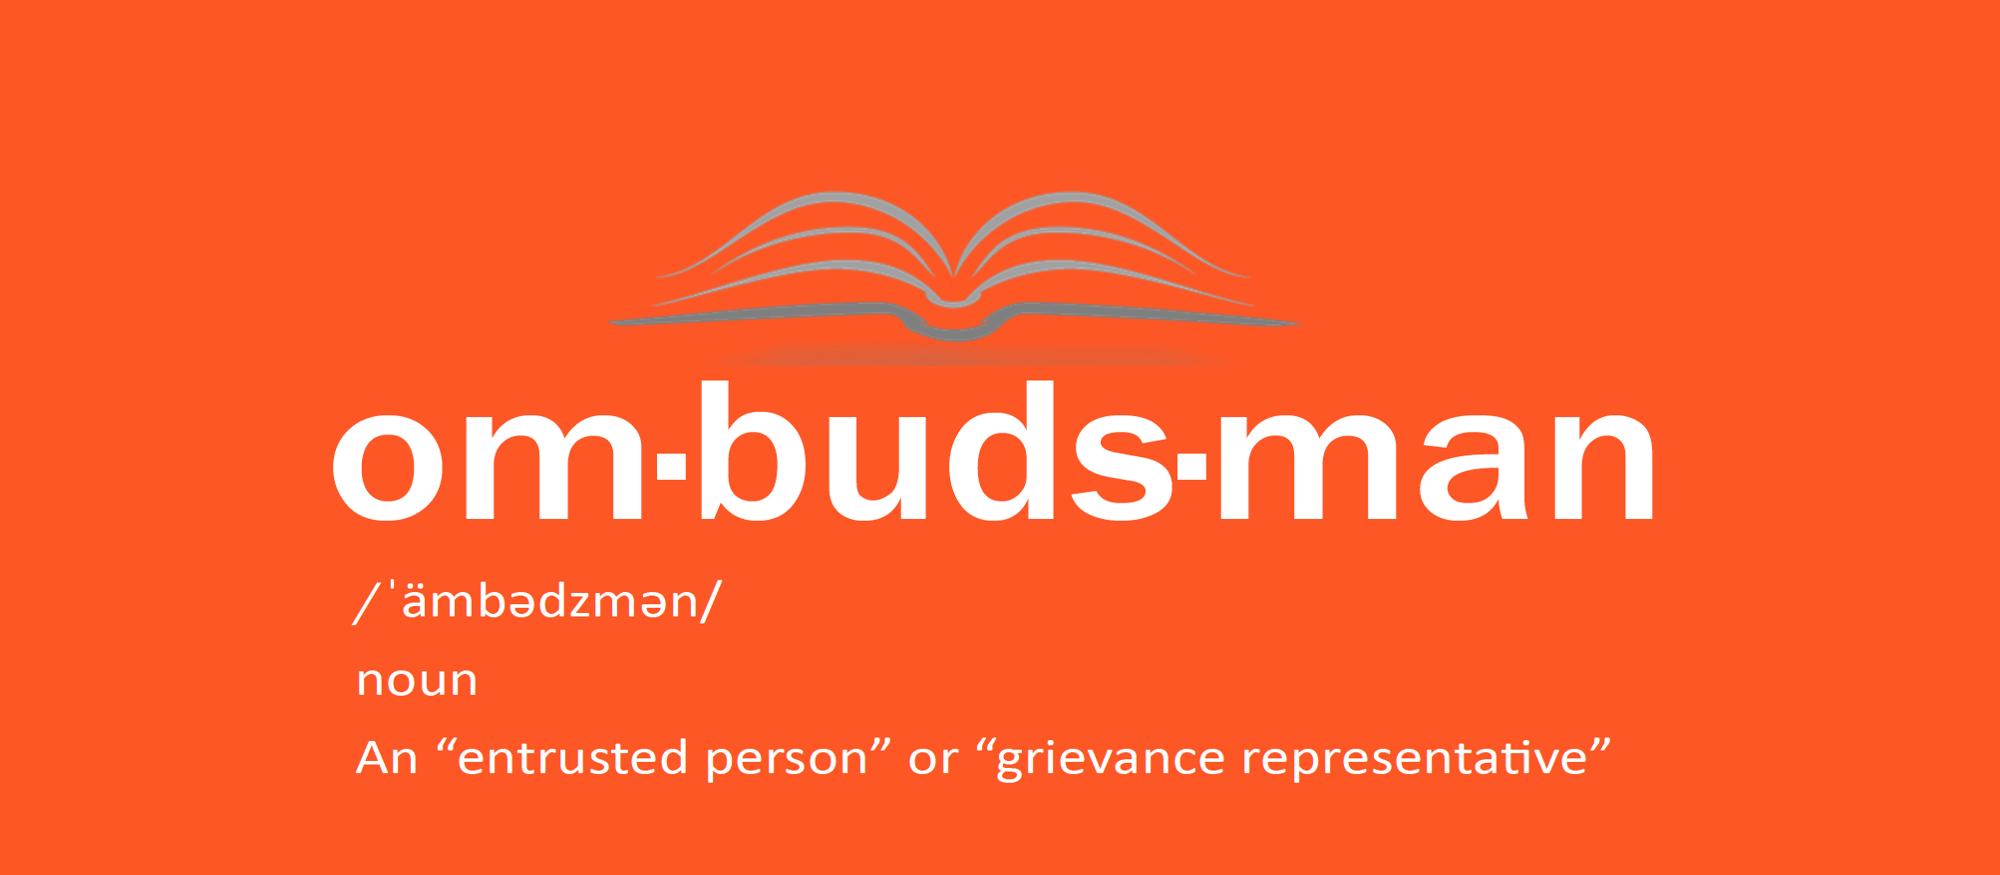 Ombudsman. Noun. Entrusted person or grievance representative